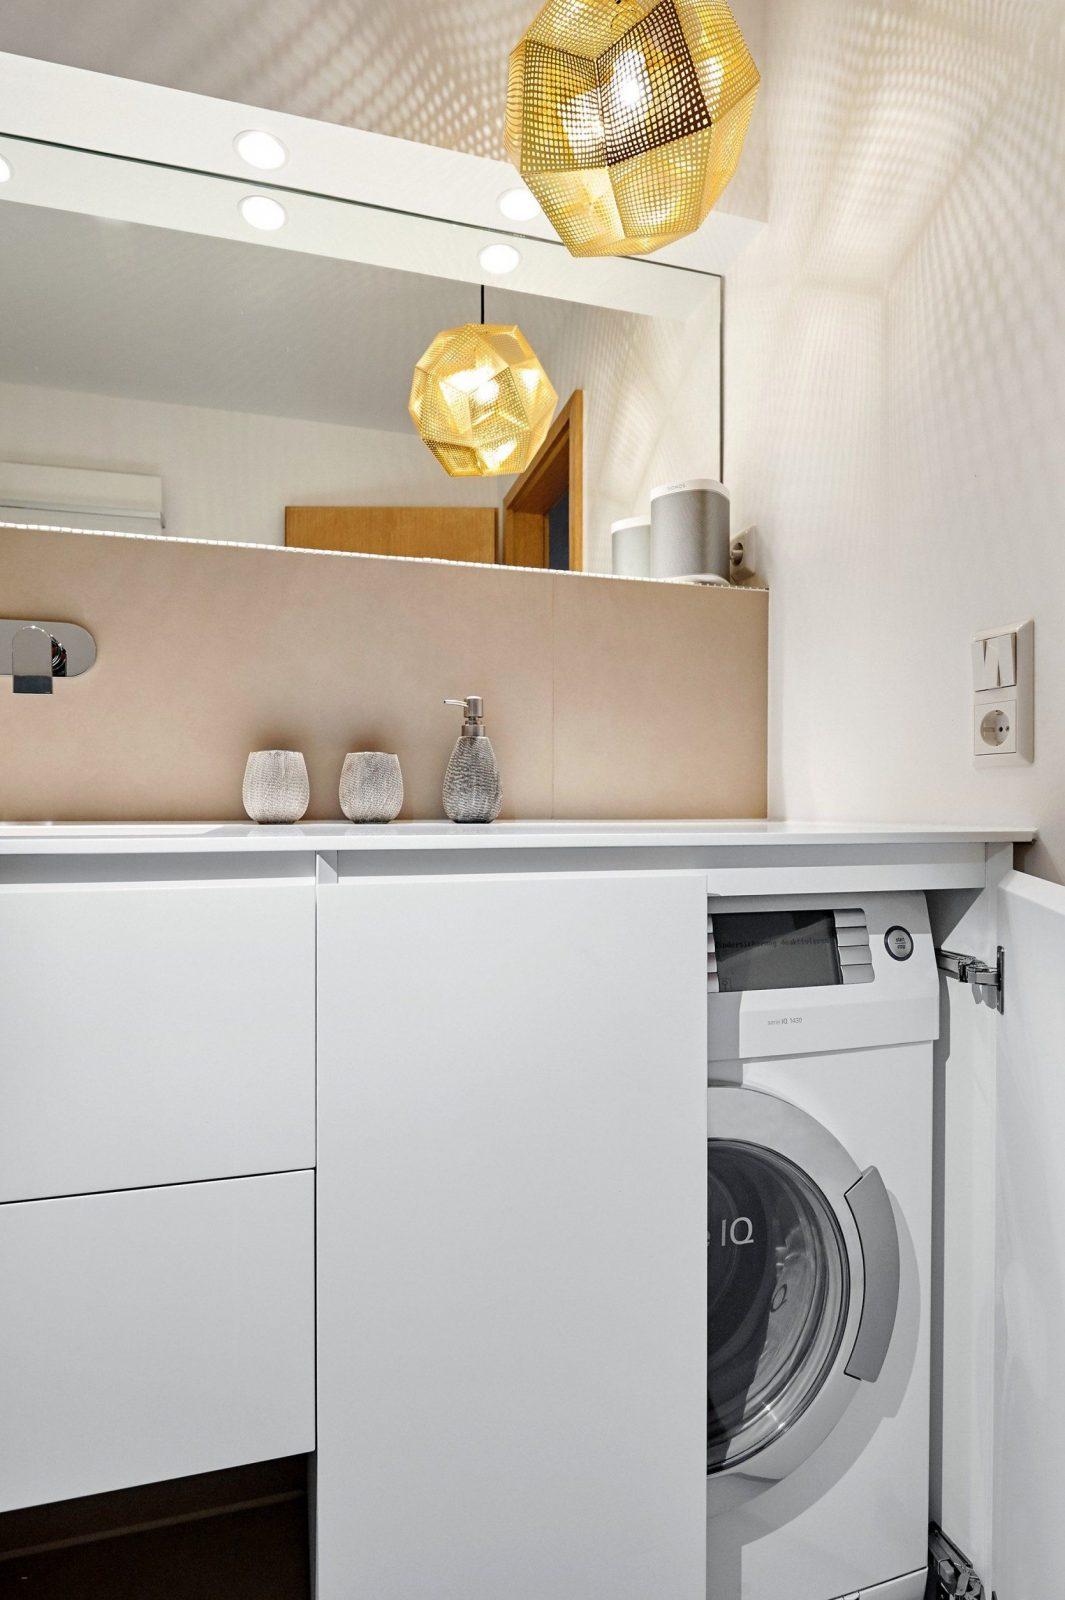 Waschmaschine Und Trockner Im Bad Integrieren Waschmaschine In Der